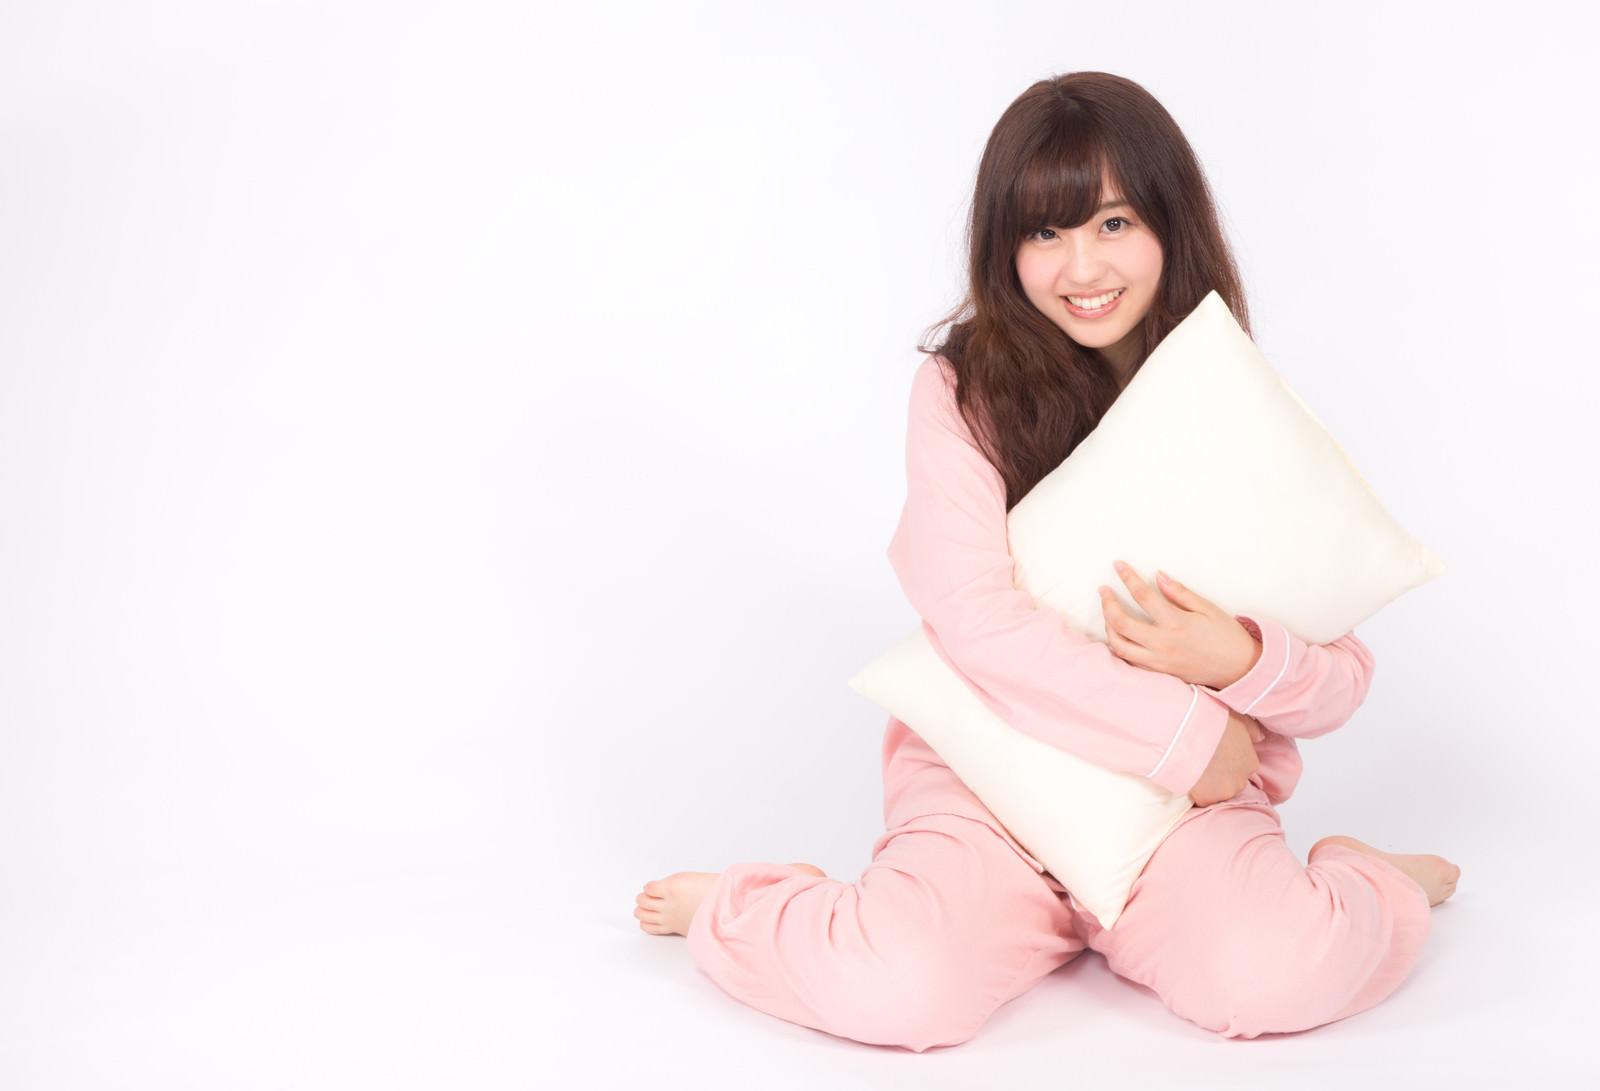 ピンク色のパジャマを着た若い女性|無料の写真素材はフリー素材のぱくたそ